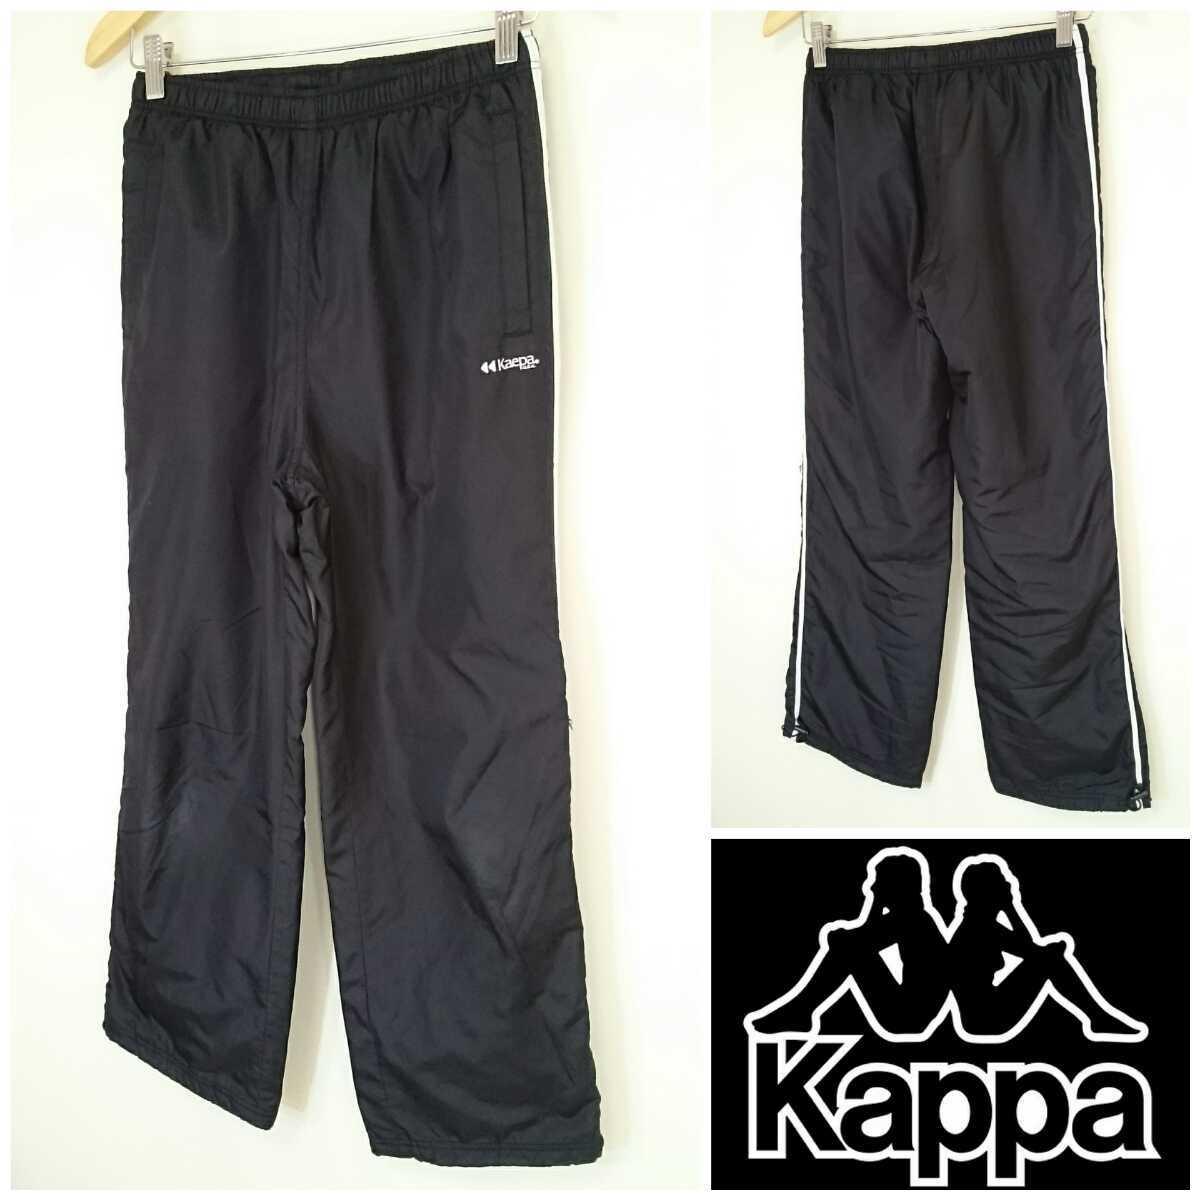 M【kappa/カッパ】MENS/メンズ 男性用 ボトム スポーツ ウェア トレーニング パンツ ジャージ マラソン ランニング ウォーキング 中綿